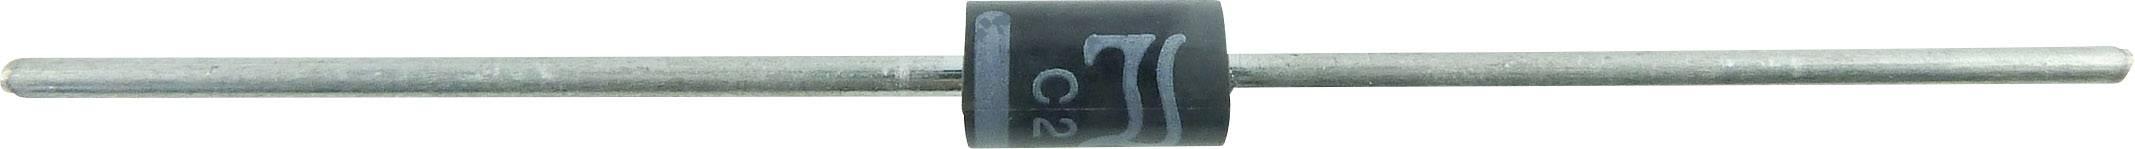 Ultrarýchla kremíková usmerňovacia dióda Diotec UF5408 UF5408 3 A, 1000 V